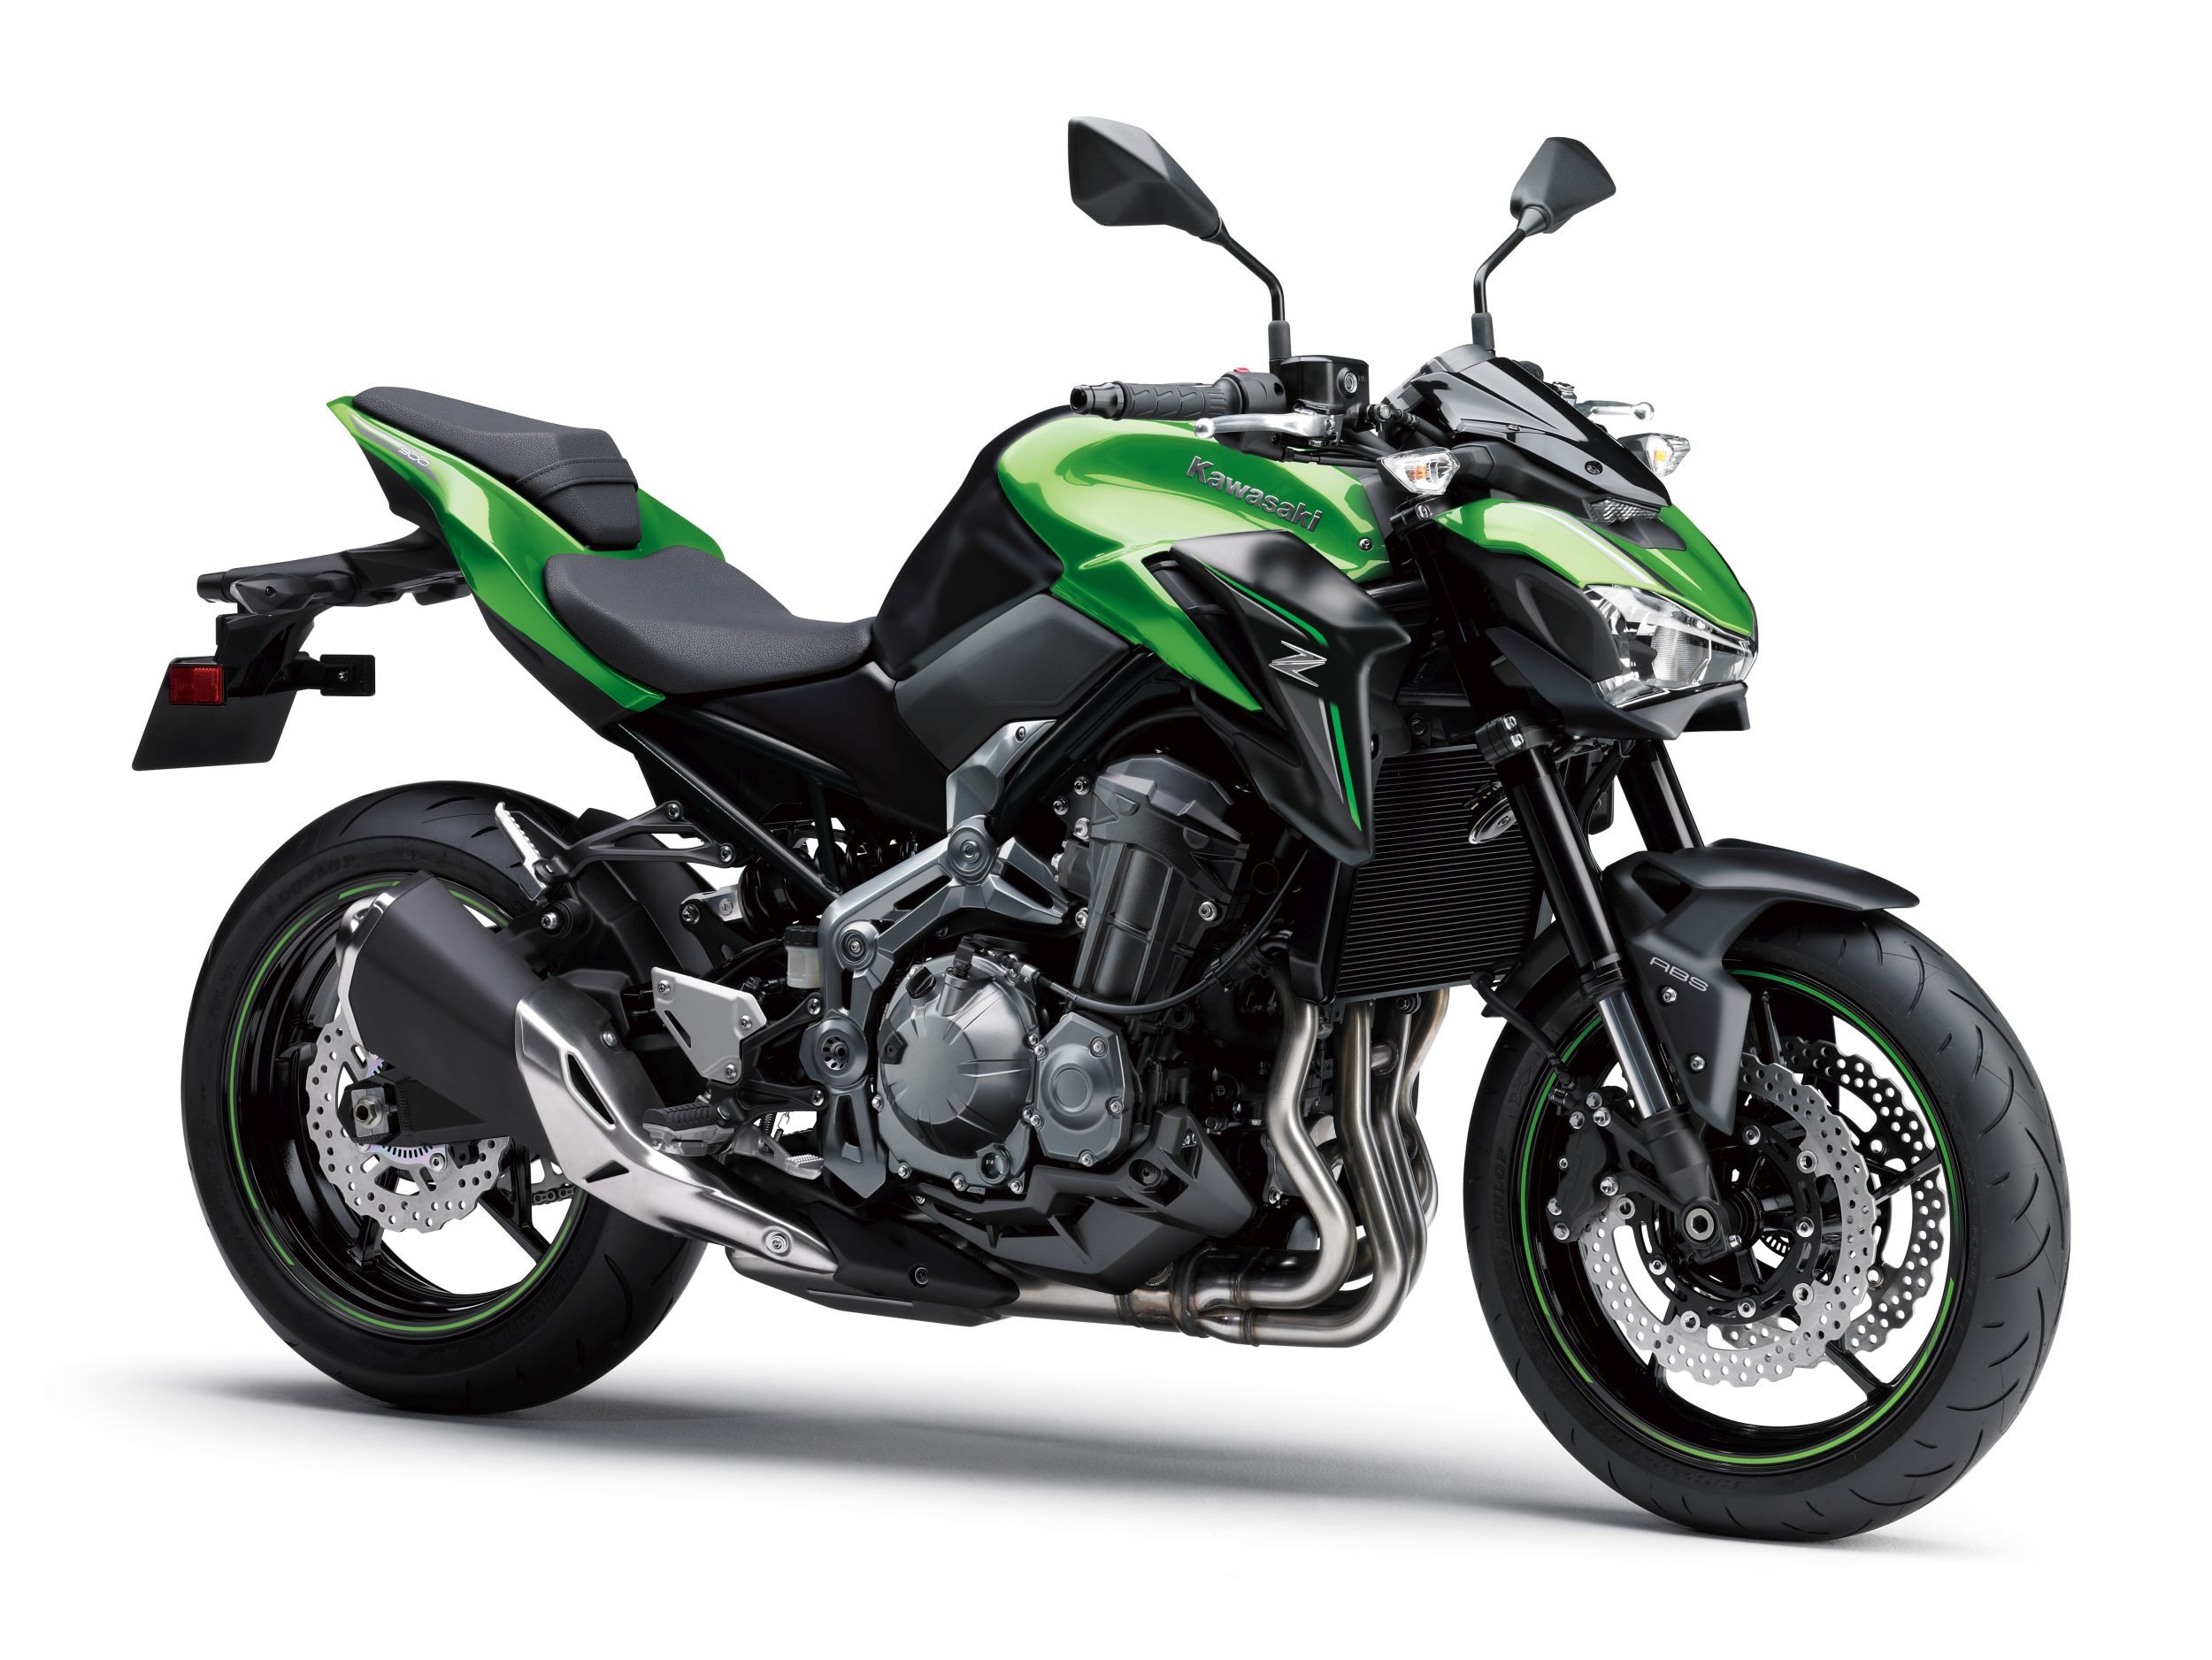 Kawasaki Ge